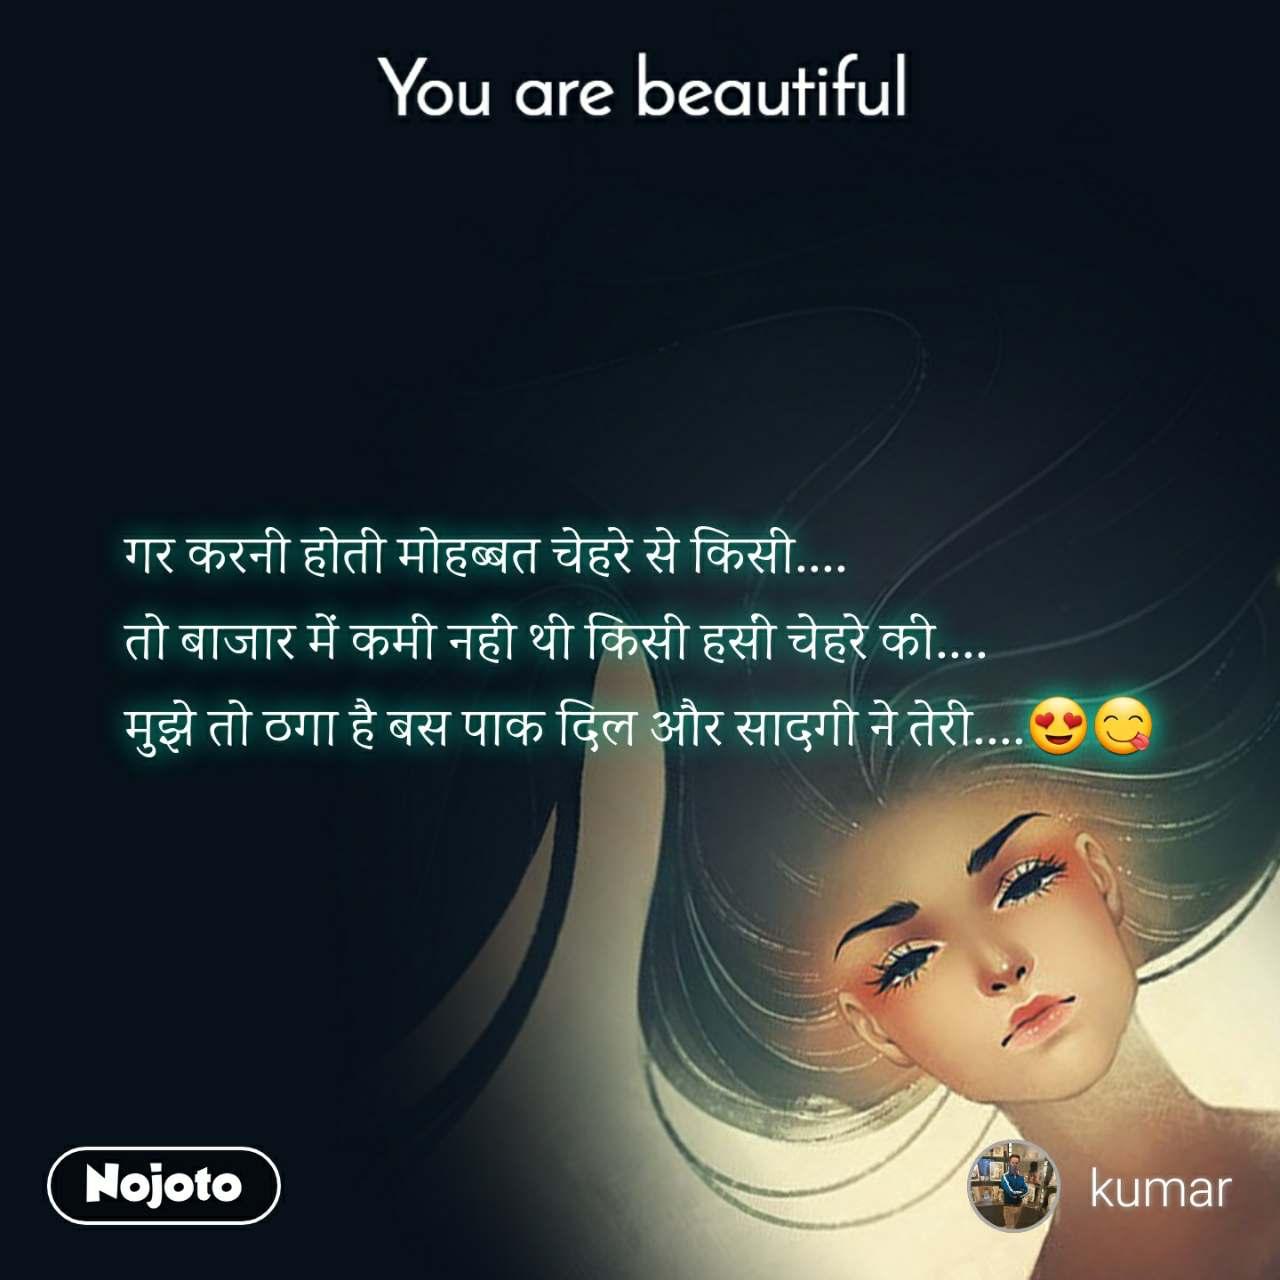 You are beautiful गर करनी होती मोहब्बत चेहरे से किसी.... तो बाजार में कमी नहीं थी किसी हसीं चेहरे की.... मुझे तो ठगा है बस पाक दिल और सादगी ने तेरी....😍😋